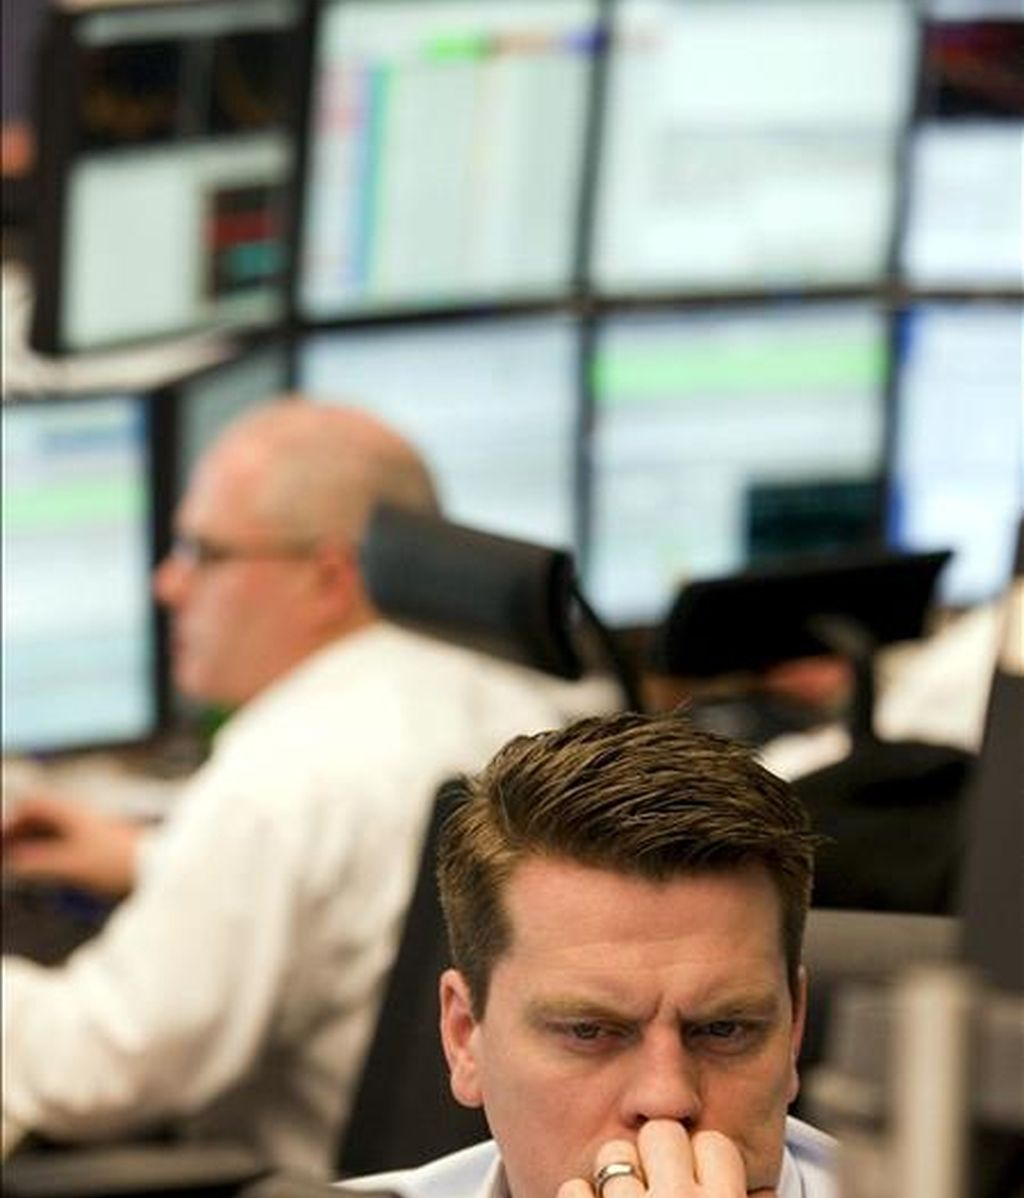 Un agente de bolsa observa su monitor en la Bolsa de Fráncfort del Meno. EFE/Archivo